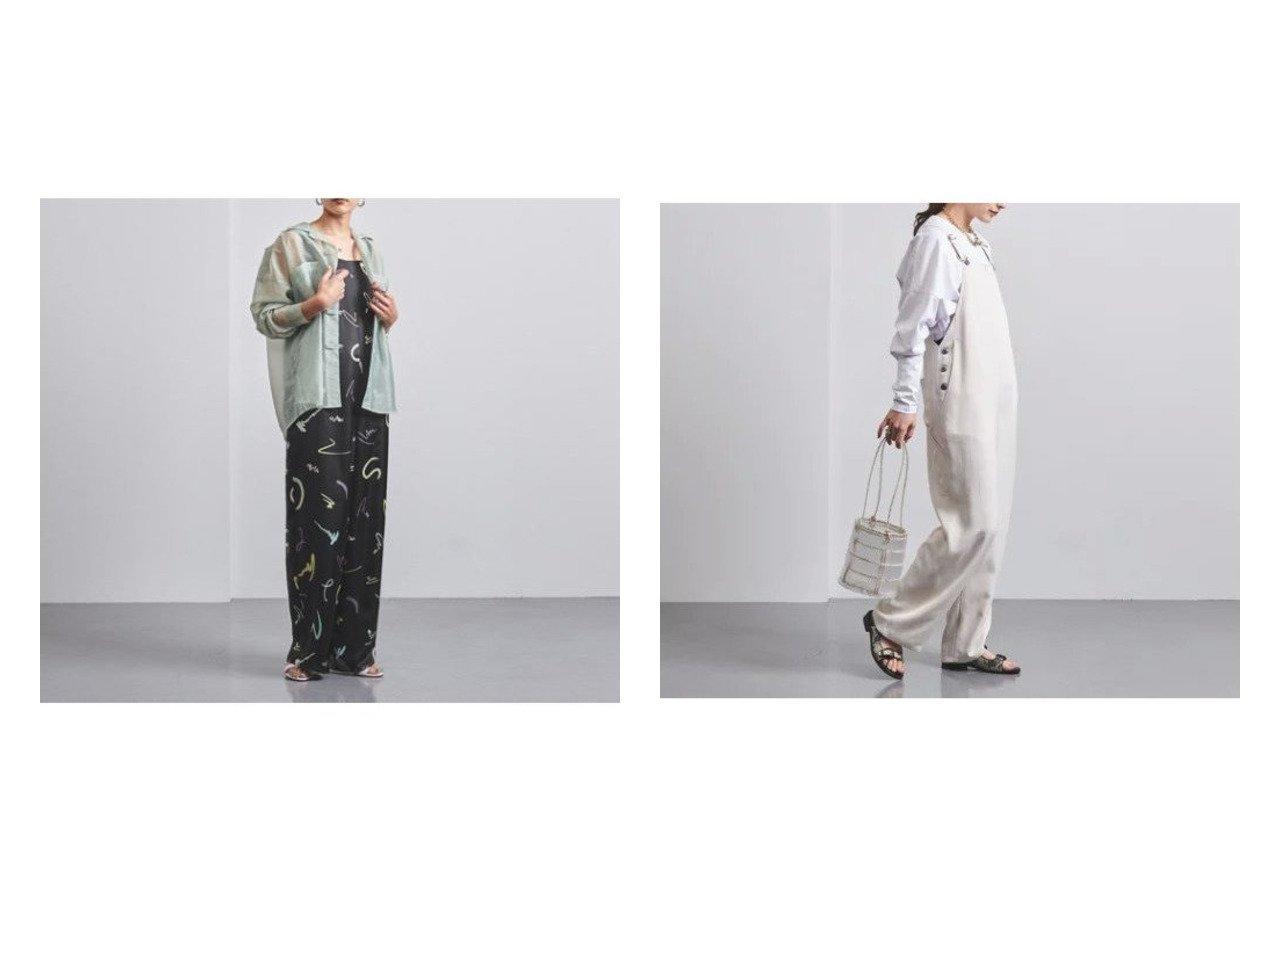 【UNITED ARROWS/ユナイテッドアローズ】のUWMSC ペイントプリント サロペット†&UWMSC ACE オーバーオール† ワンピース・ドレスのおすすめ!人気、トレンド・レディースファッションの通販 おすすめで人気の流行・トレンド、ファッションの通販商品 メンズファッション・キッズファッション・インテリア・家具・レディースファッション・服の通販 founy(ファニー) https://founy.com/ ファッション Fashion レディースファッション WOMEN ワンピース Dress オールインワン ワンピース All In One Dress サロペット Salopette サロペット プリント ドレープ パッチ ポケット ワーク  ID:crp329100000009388